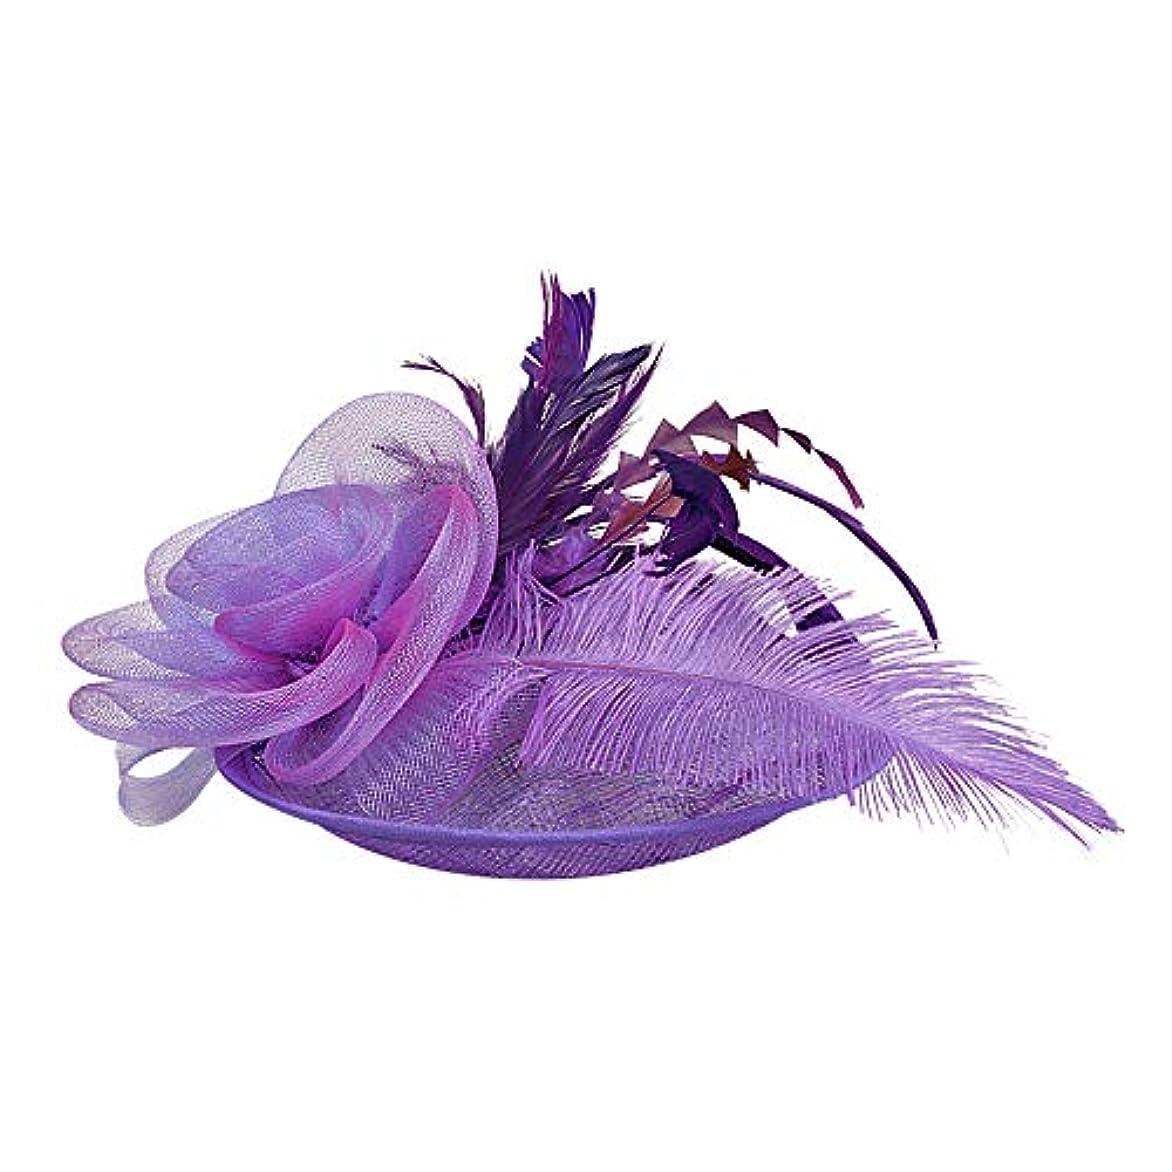 見習いフィードオン給料Merssavo 英国スタイルのブライダル帽子、女性のエレガントな花の羽のベールの帽子ヴィンテージリネンティアラヘアアクセサリードレス帽子、1#